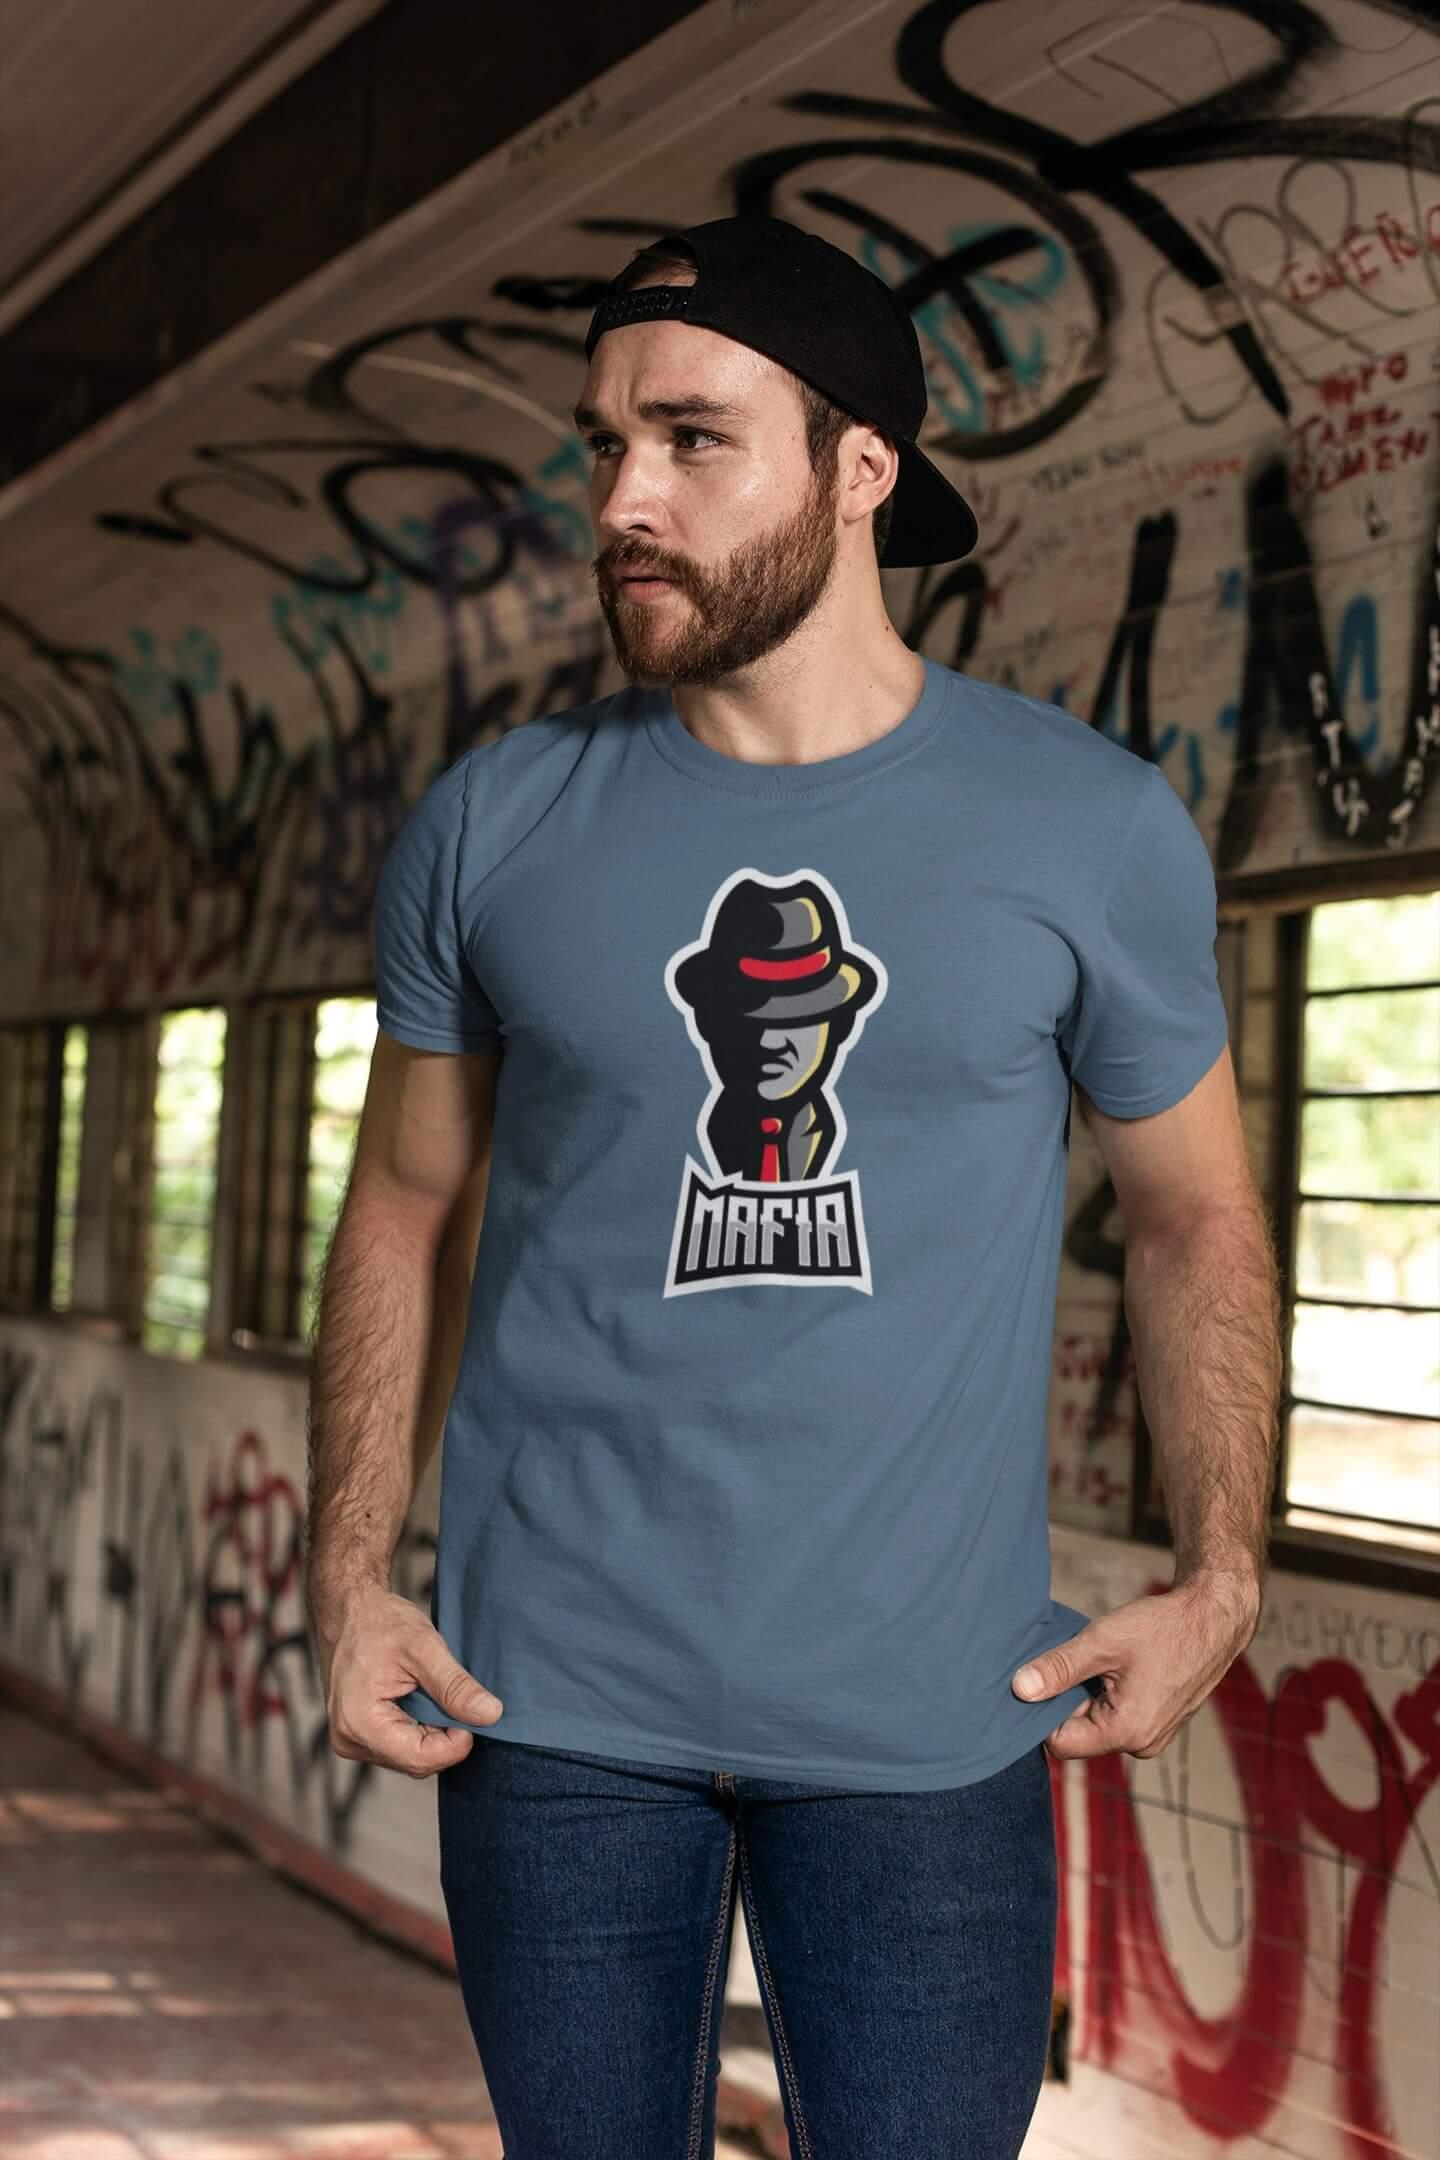 MMO Pánske tričko Mafia Vyberte farbu: Denim, Vyberte veľkosť: XS